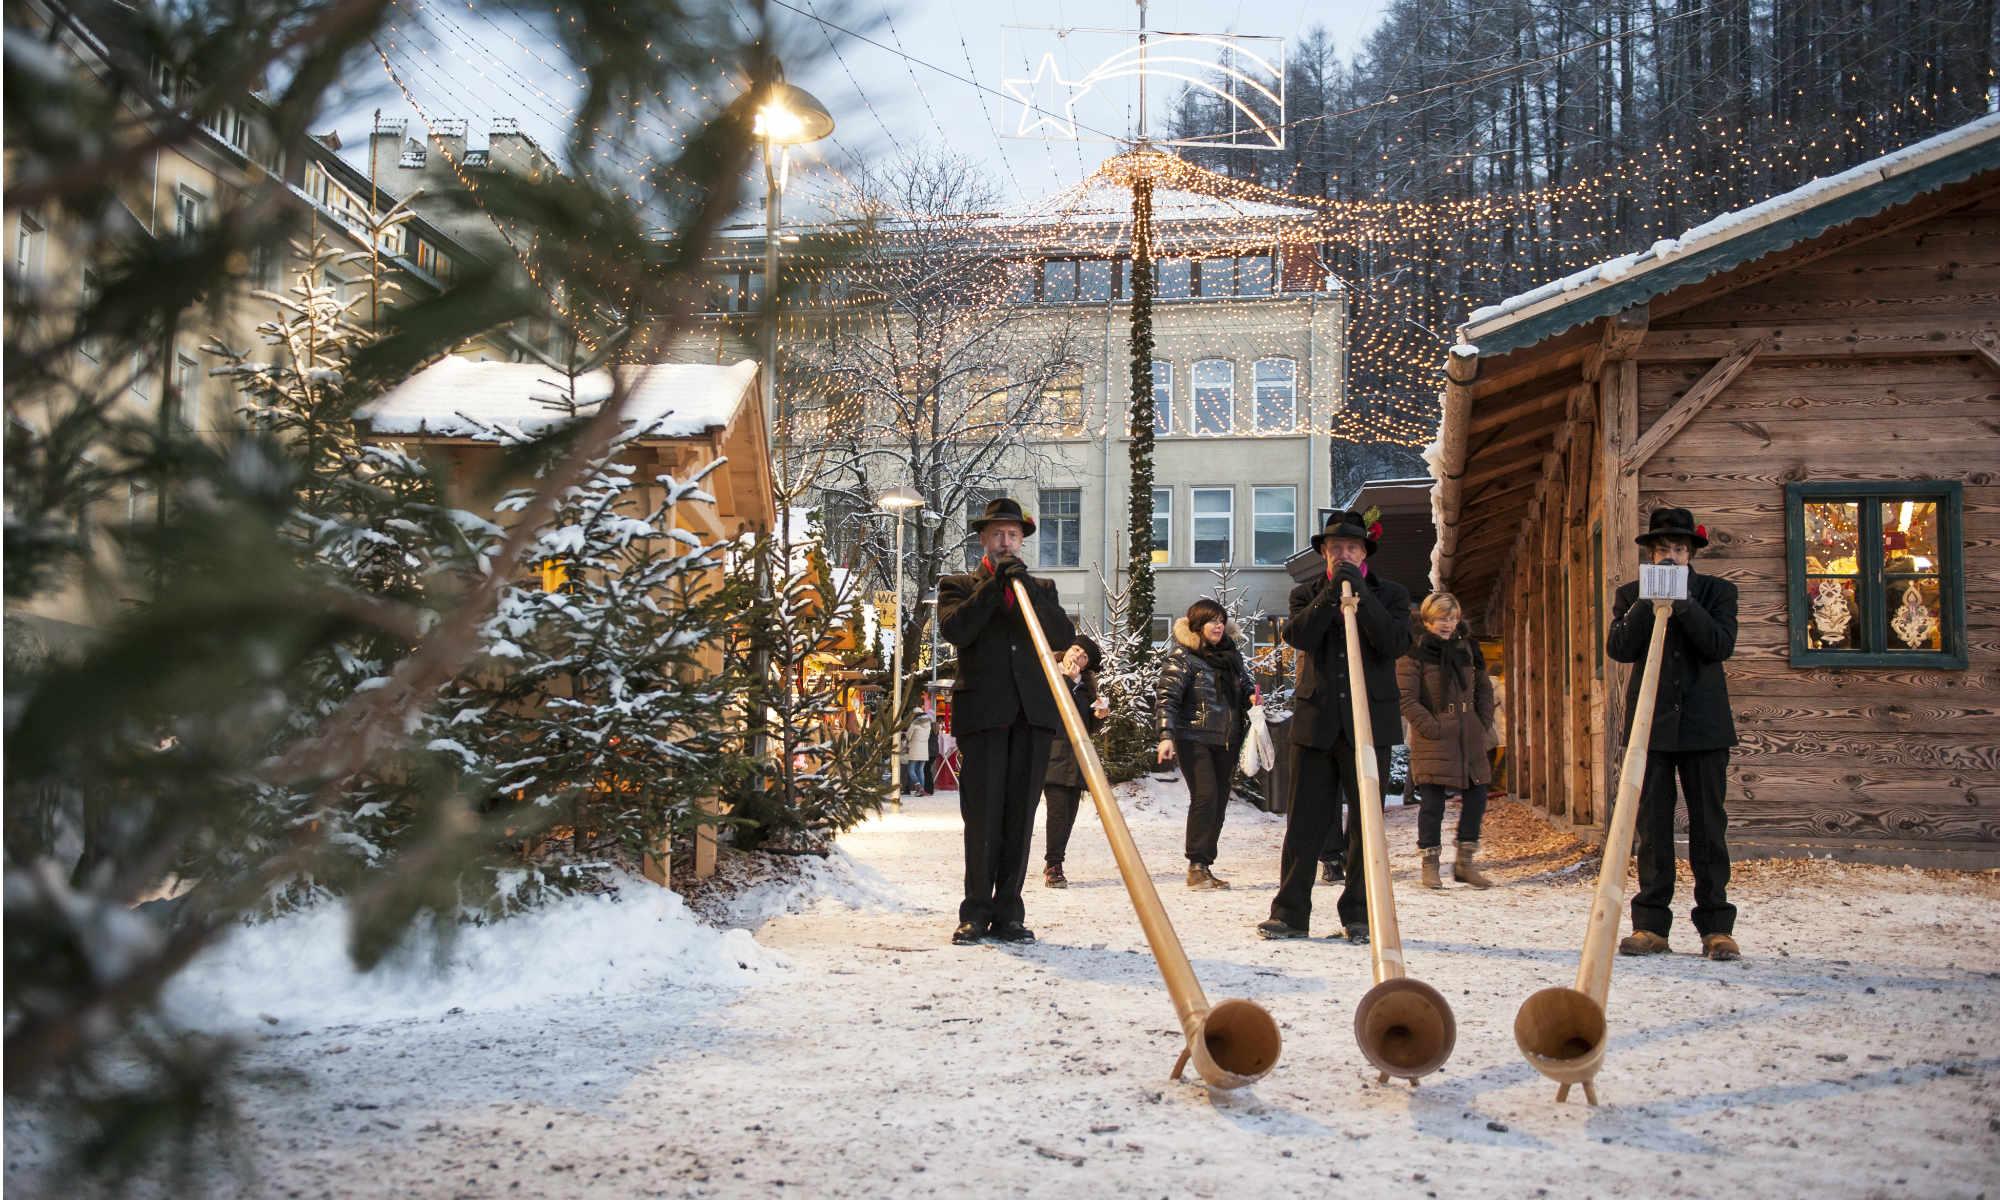 Musikanten am Weihnachtsmarkt in Bruneck, in der Nähe des Skigebiets am Kronplatz.